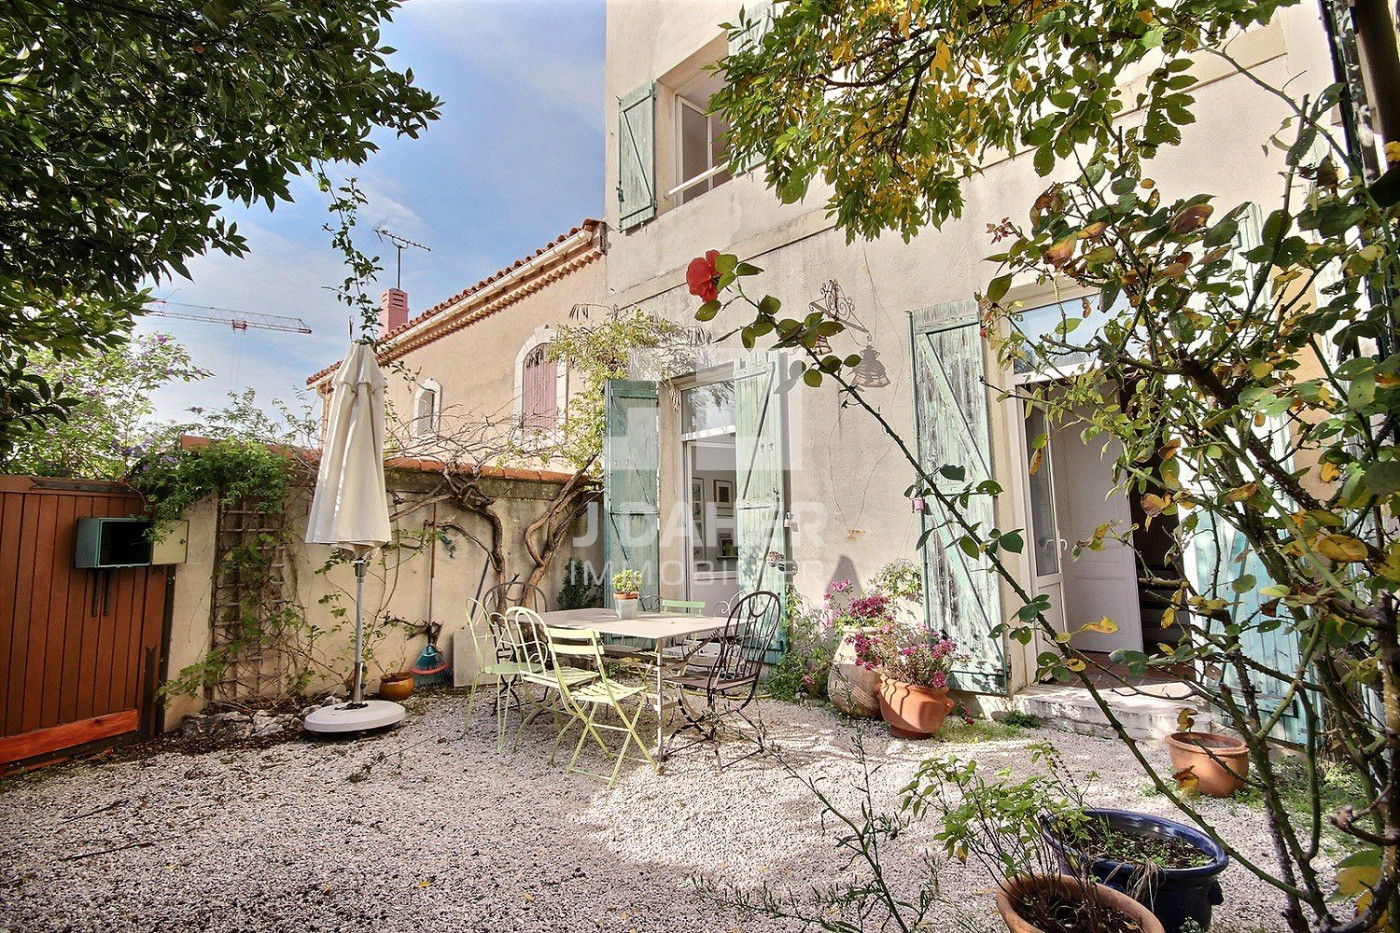 Vente maison Marseille 10eme arrondissement Vieille chapelle, 10m²